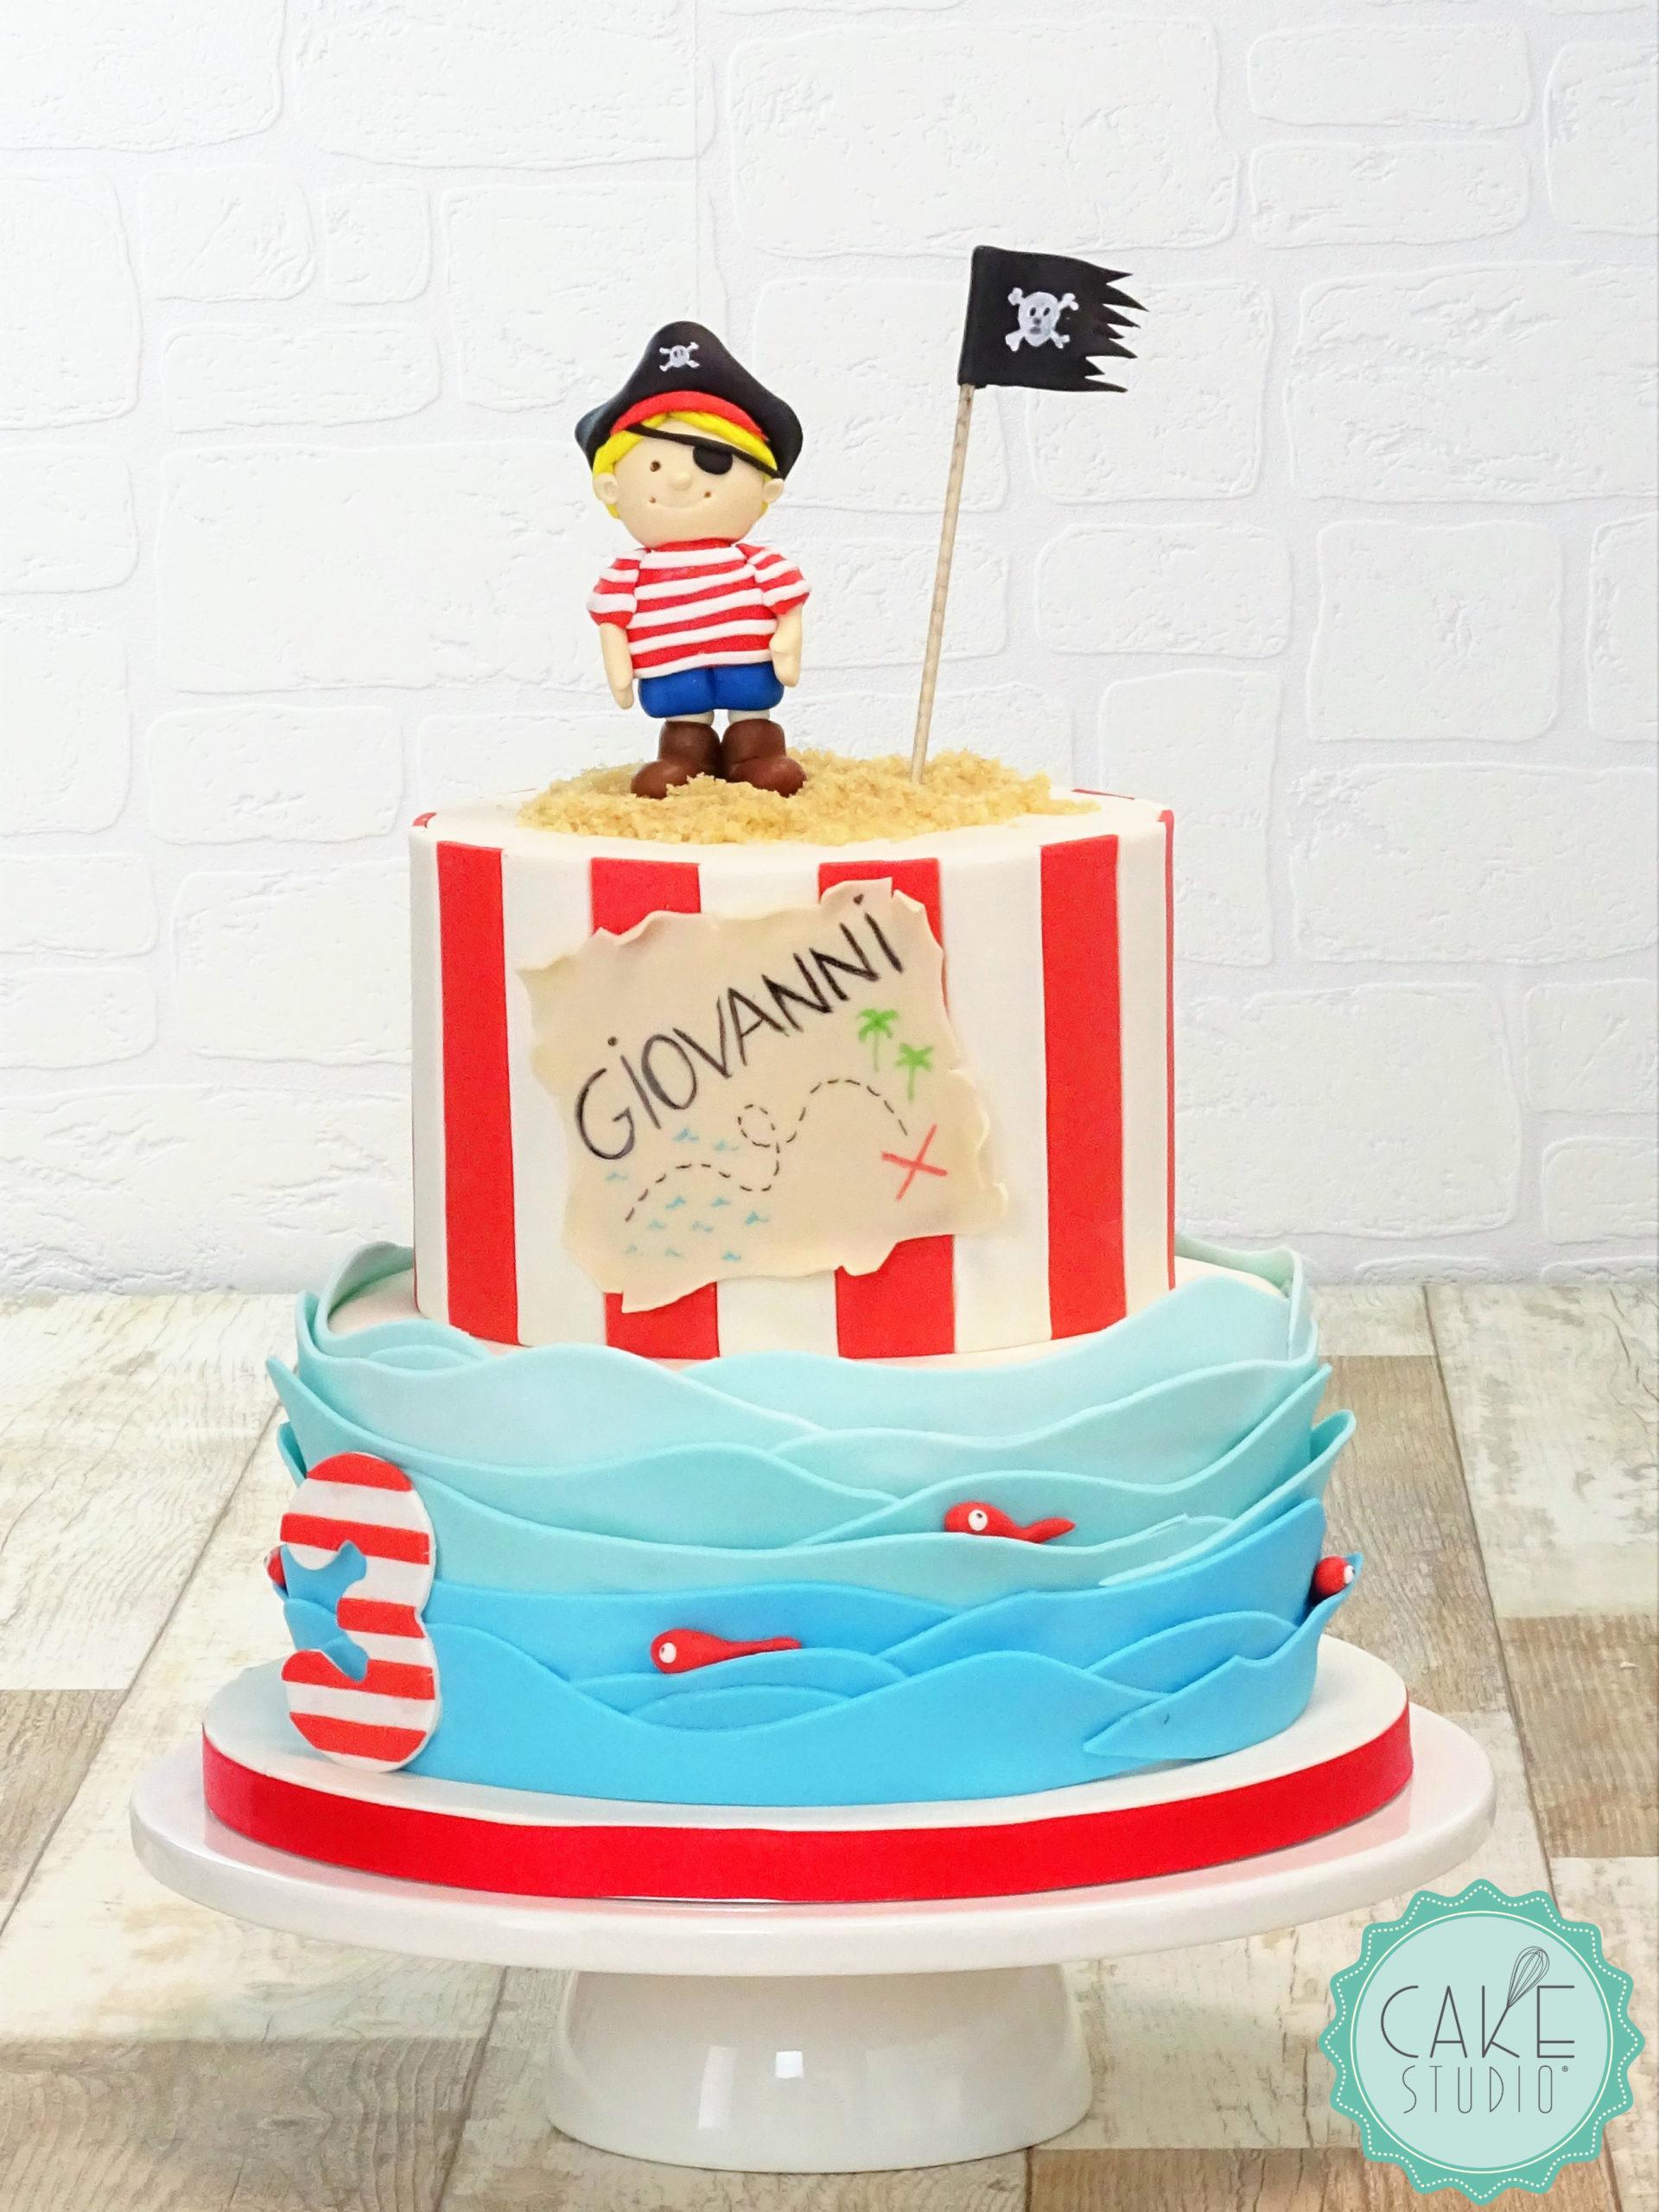 torta con onde azzurre, righe bianche e rosse e pirata con bandiera nera e teschio